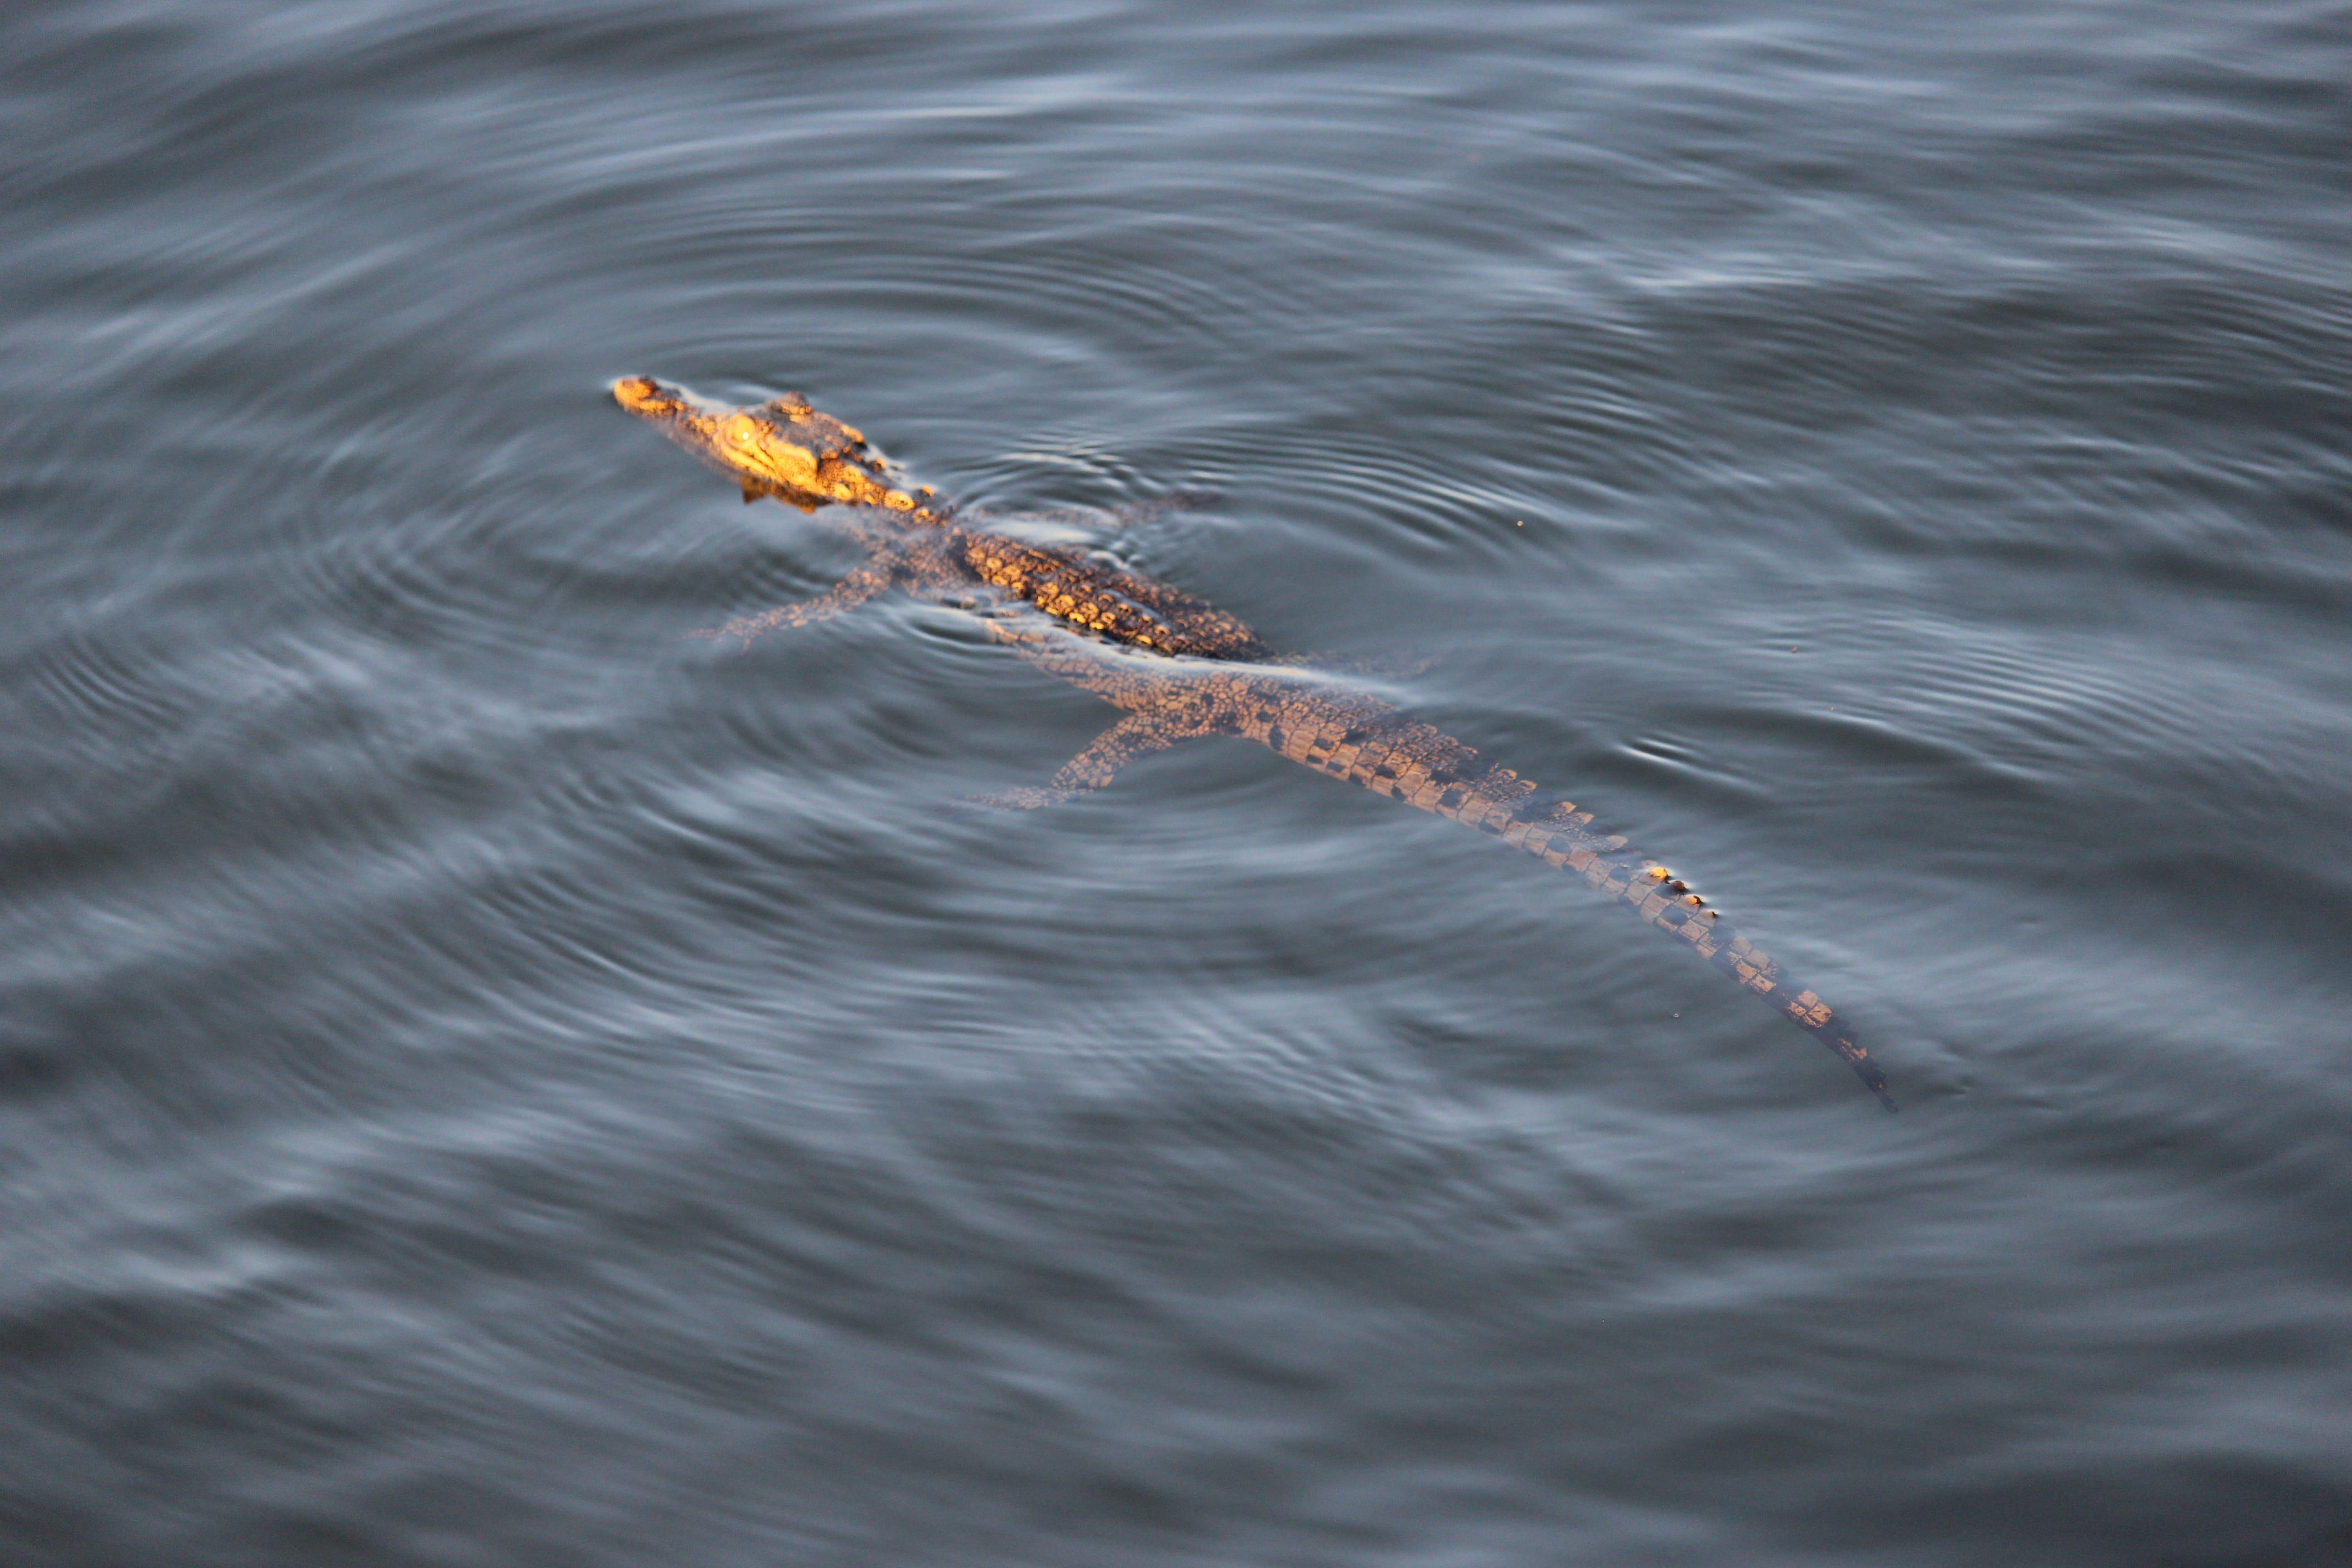 krokodil zwemt